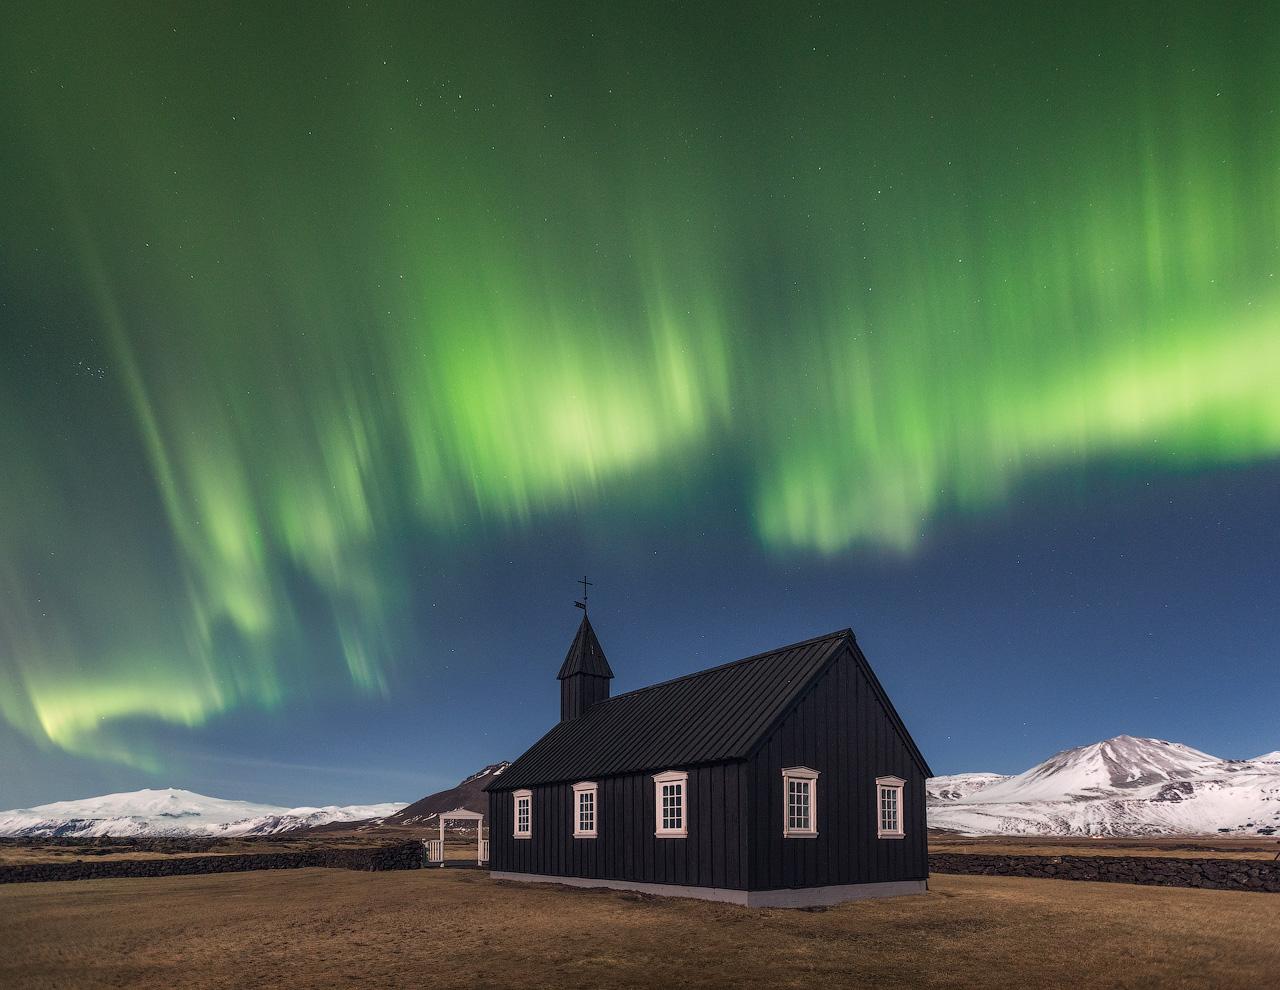 14-дневный фототур вокруг Исландии: северное сияние и ледяные пещеры - day 2